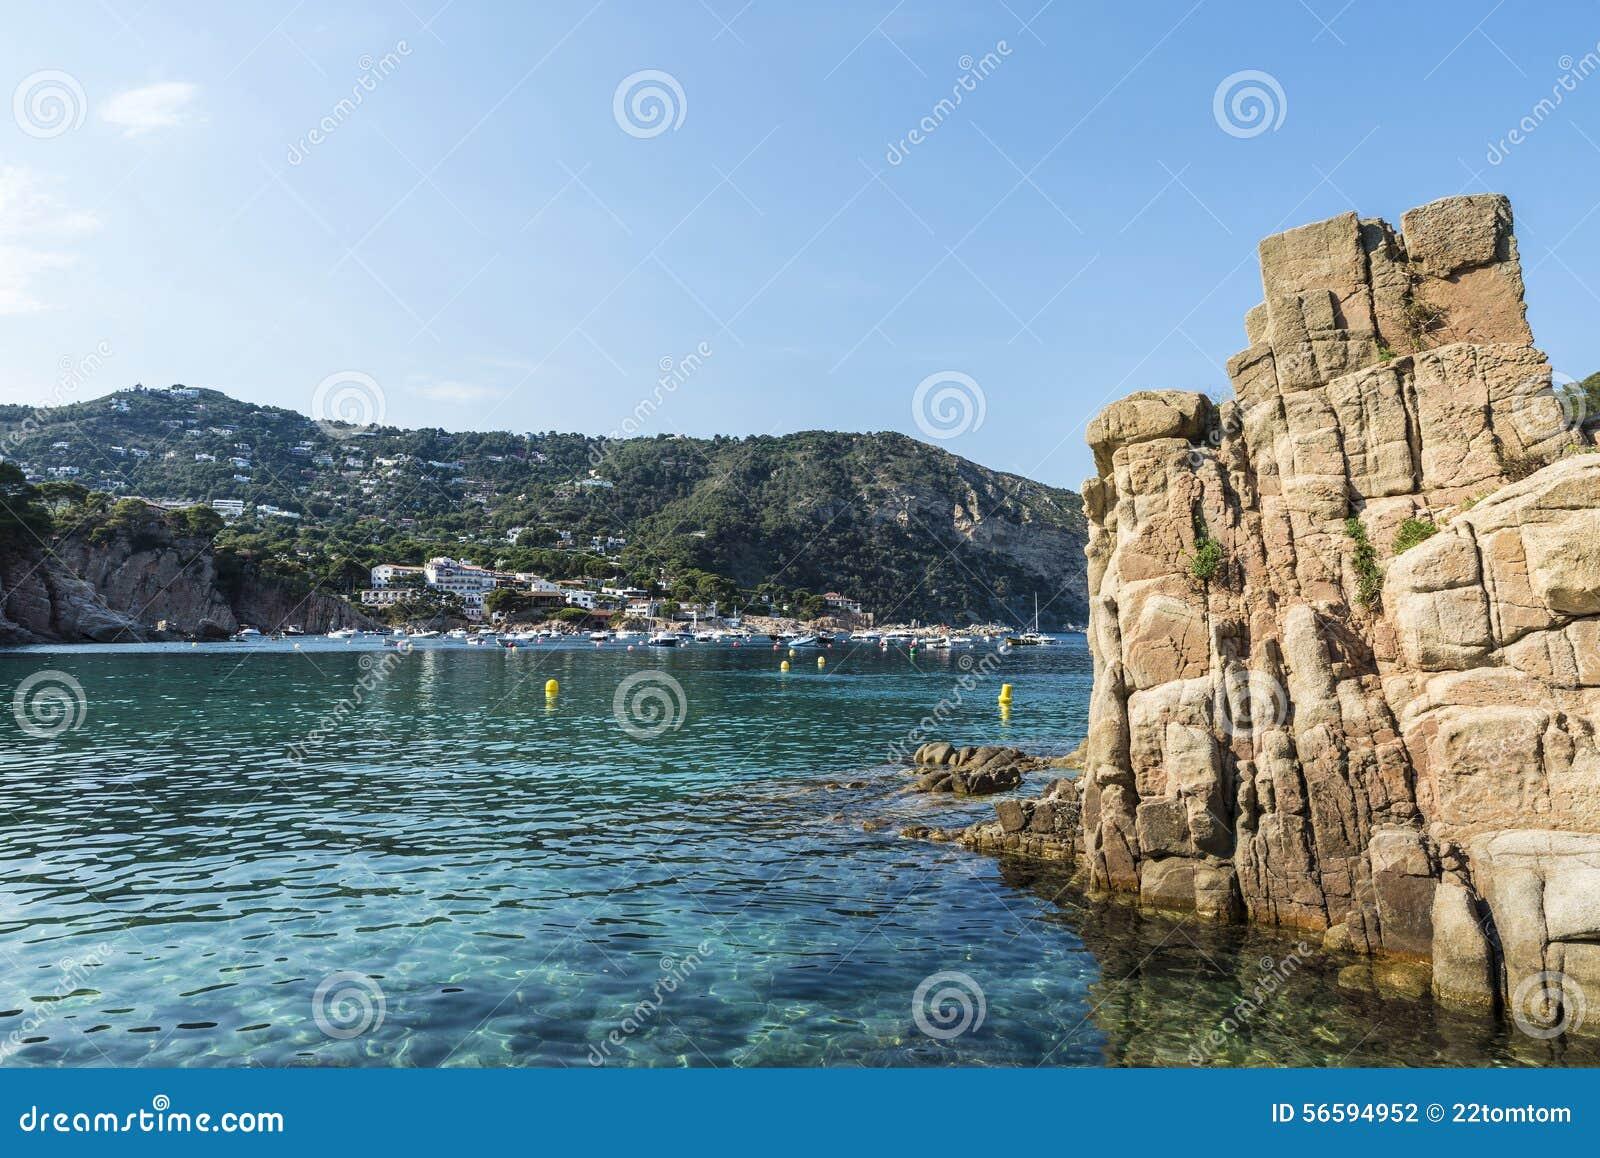 Aiguablava beach in costa brava catalonia spain stock - Aiguablava costa brava ...